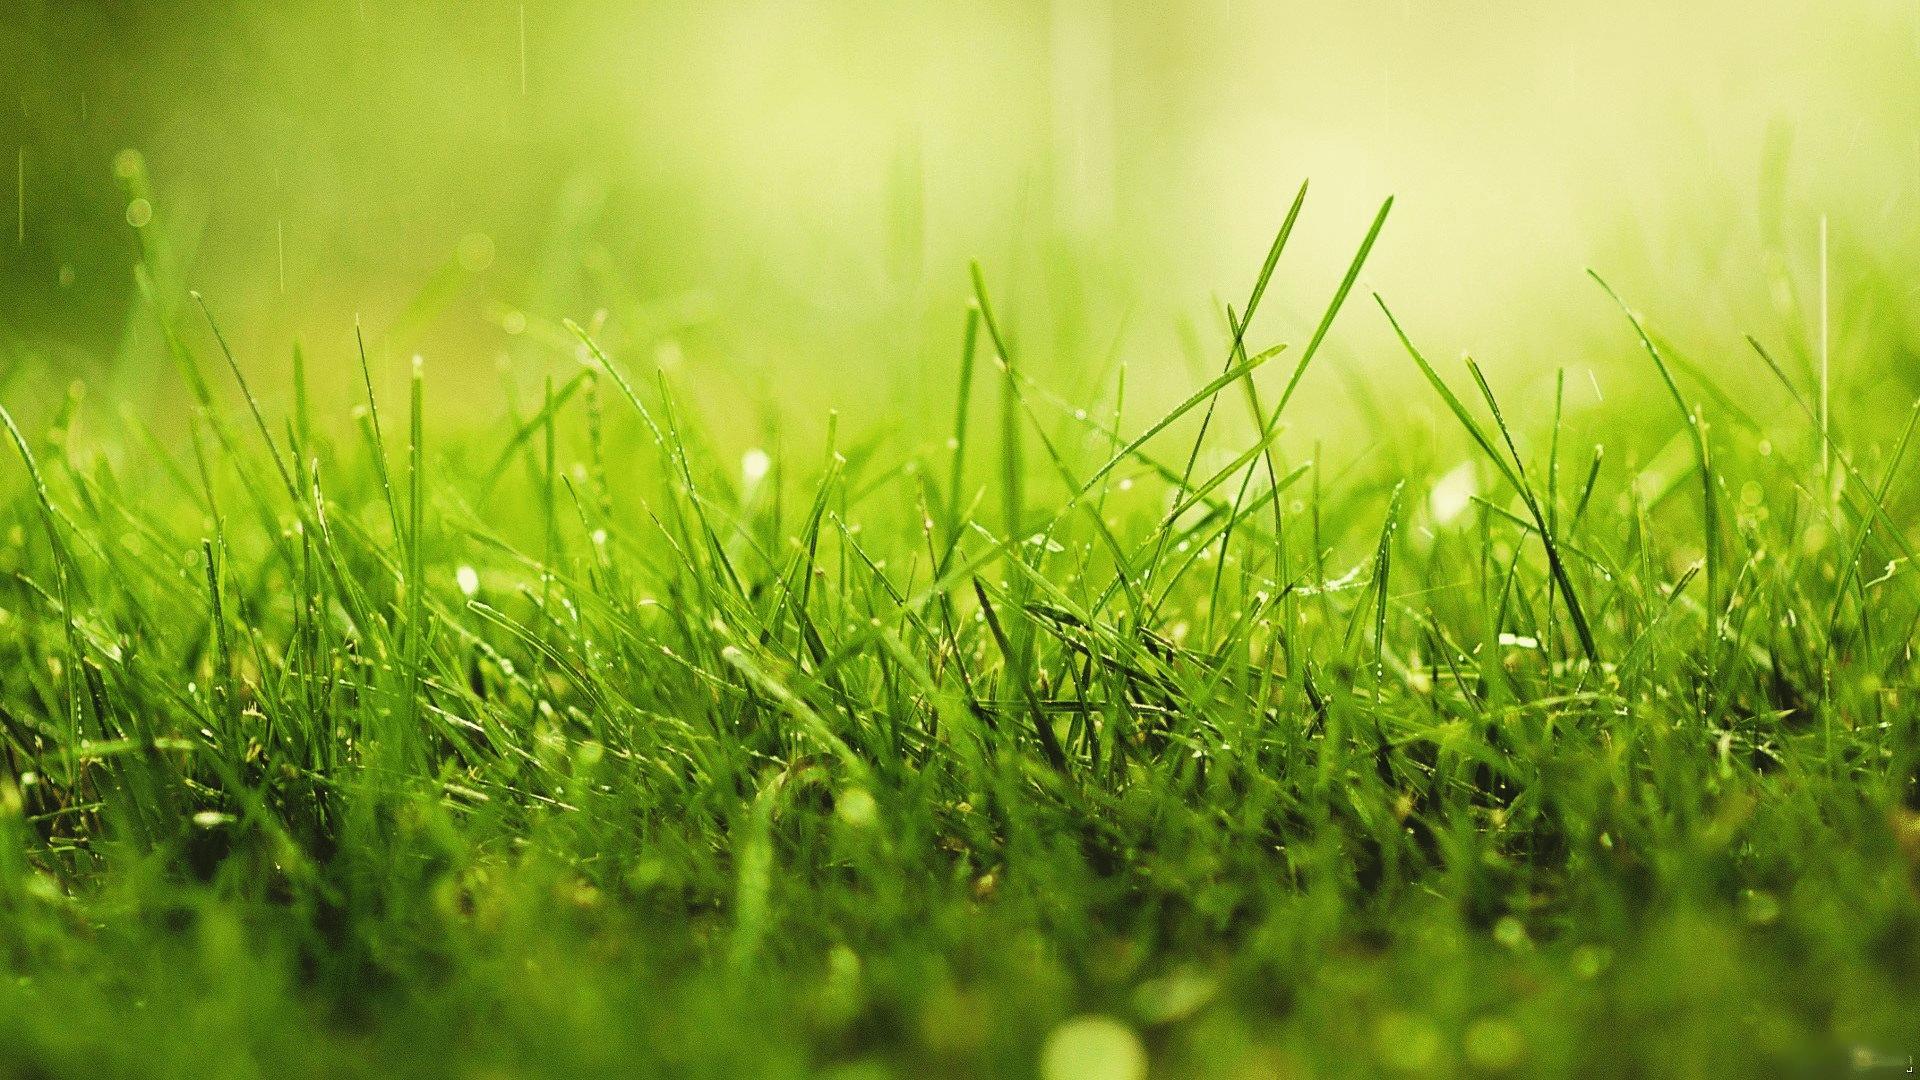 Interpr tation des r ves r ver d 39 herbe divinatix for Like long grasses